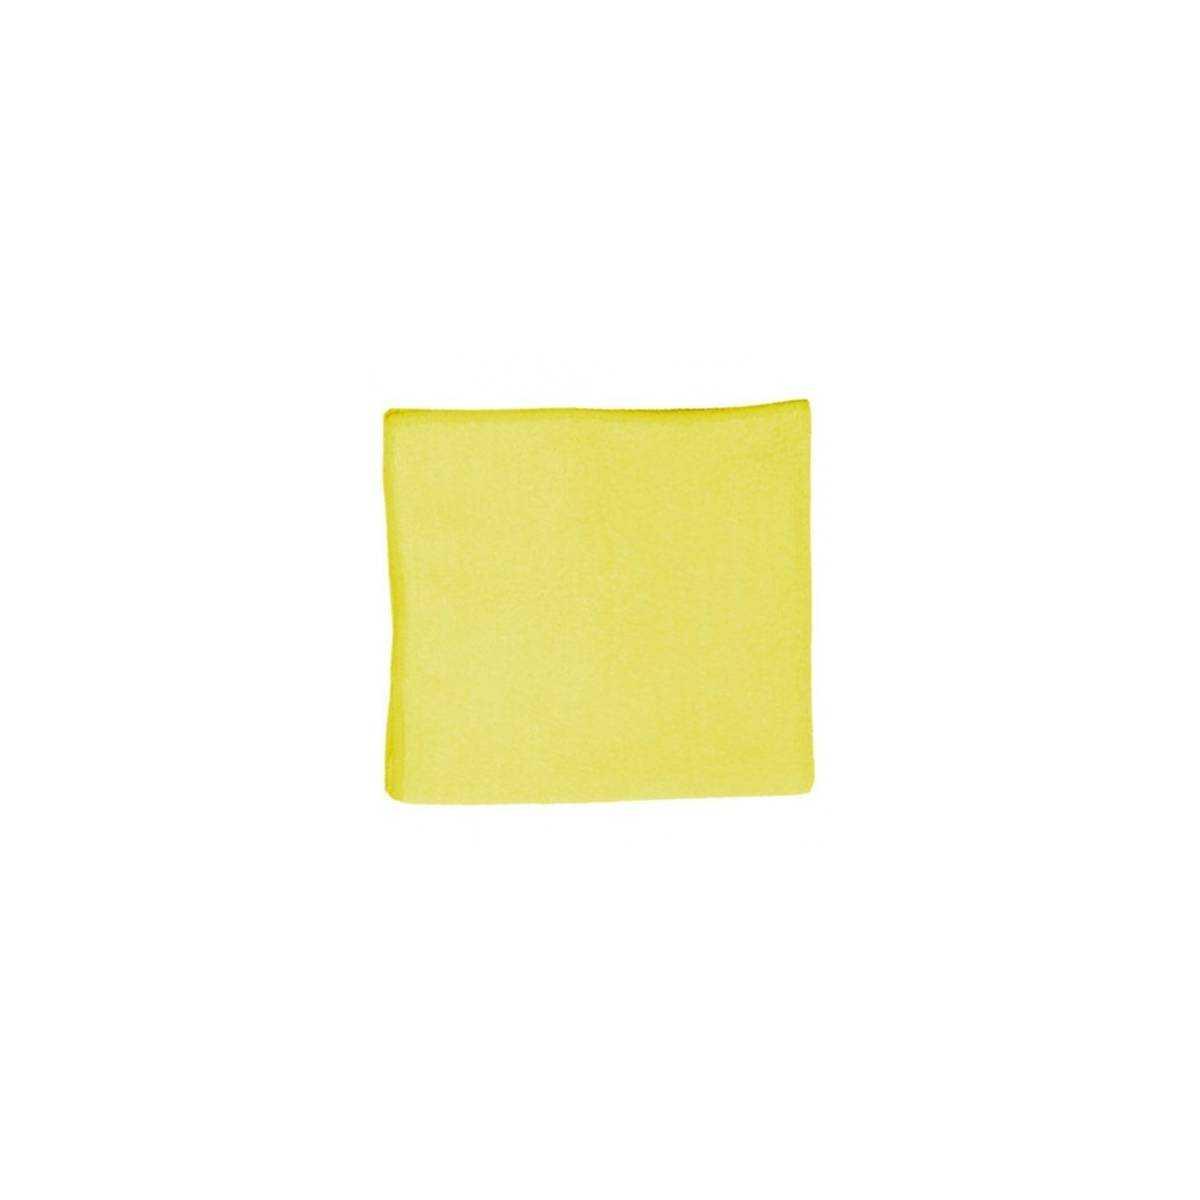 Салфетки для удаления пыли Multi-T 5шт. (Желтые) TCH101030 TTS